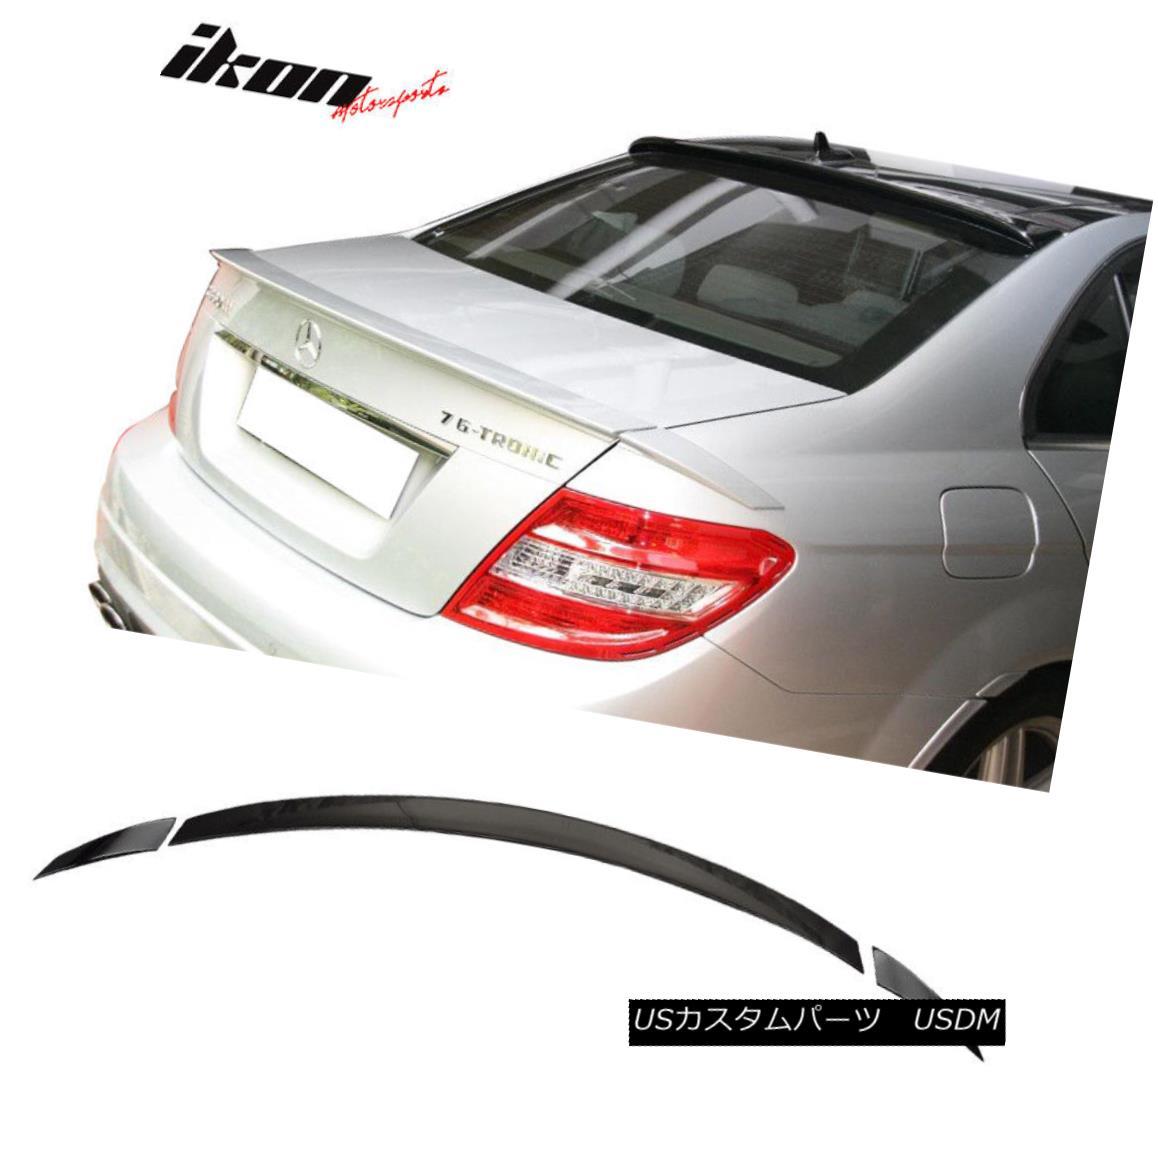 エアロパーツ Fits 08-14 Benz C-Class W204 Sedan B Style Trunk Spoiler ABS Painted #040 Black フィット08-14ベンツCクラスW204セダンBスタイルトランクスポイラーABS塗装#040ブラック